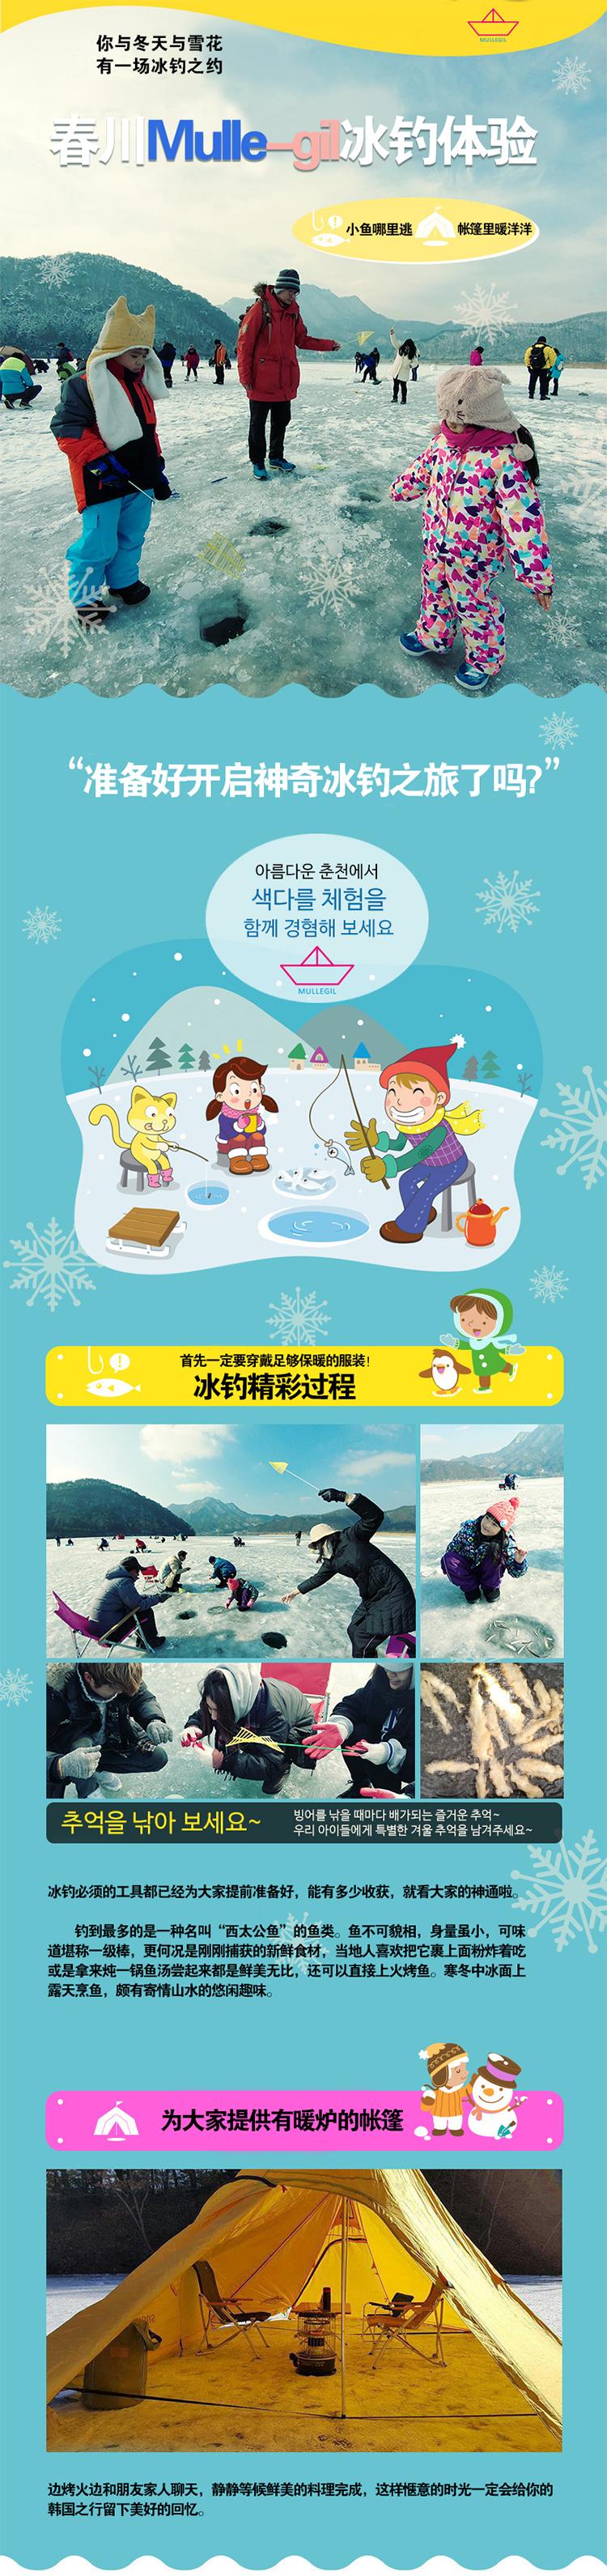 韓國春川Mulle-gil冰釣體驗+高空繩索+江村鐵路自行車套票